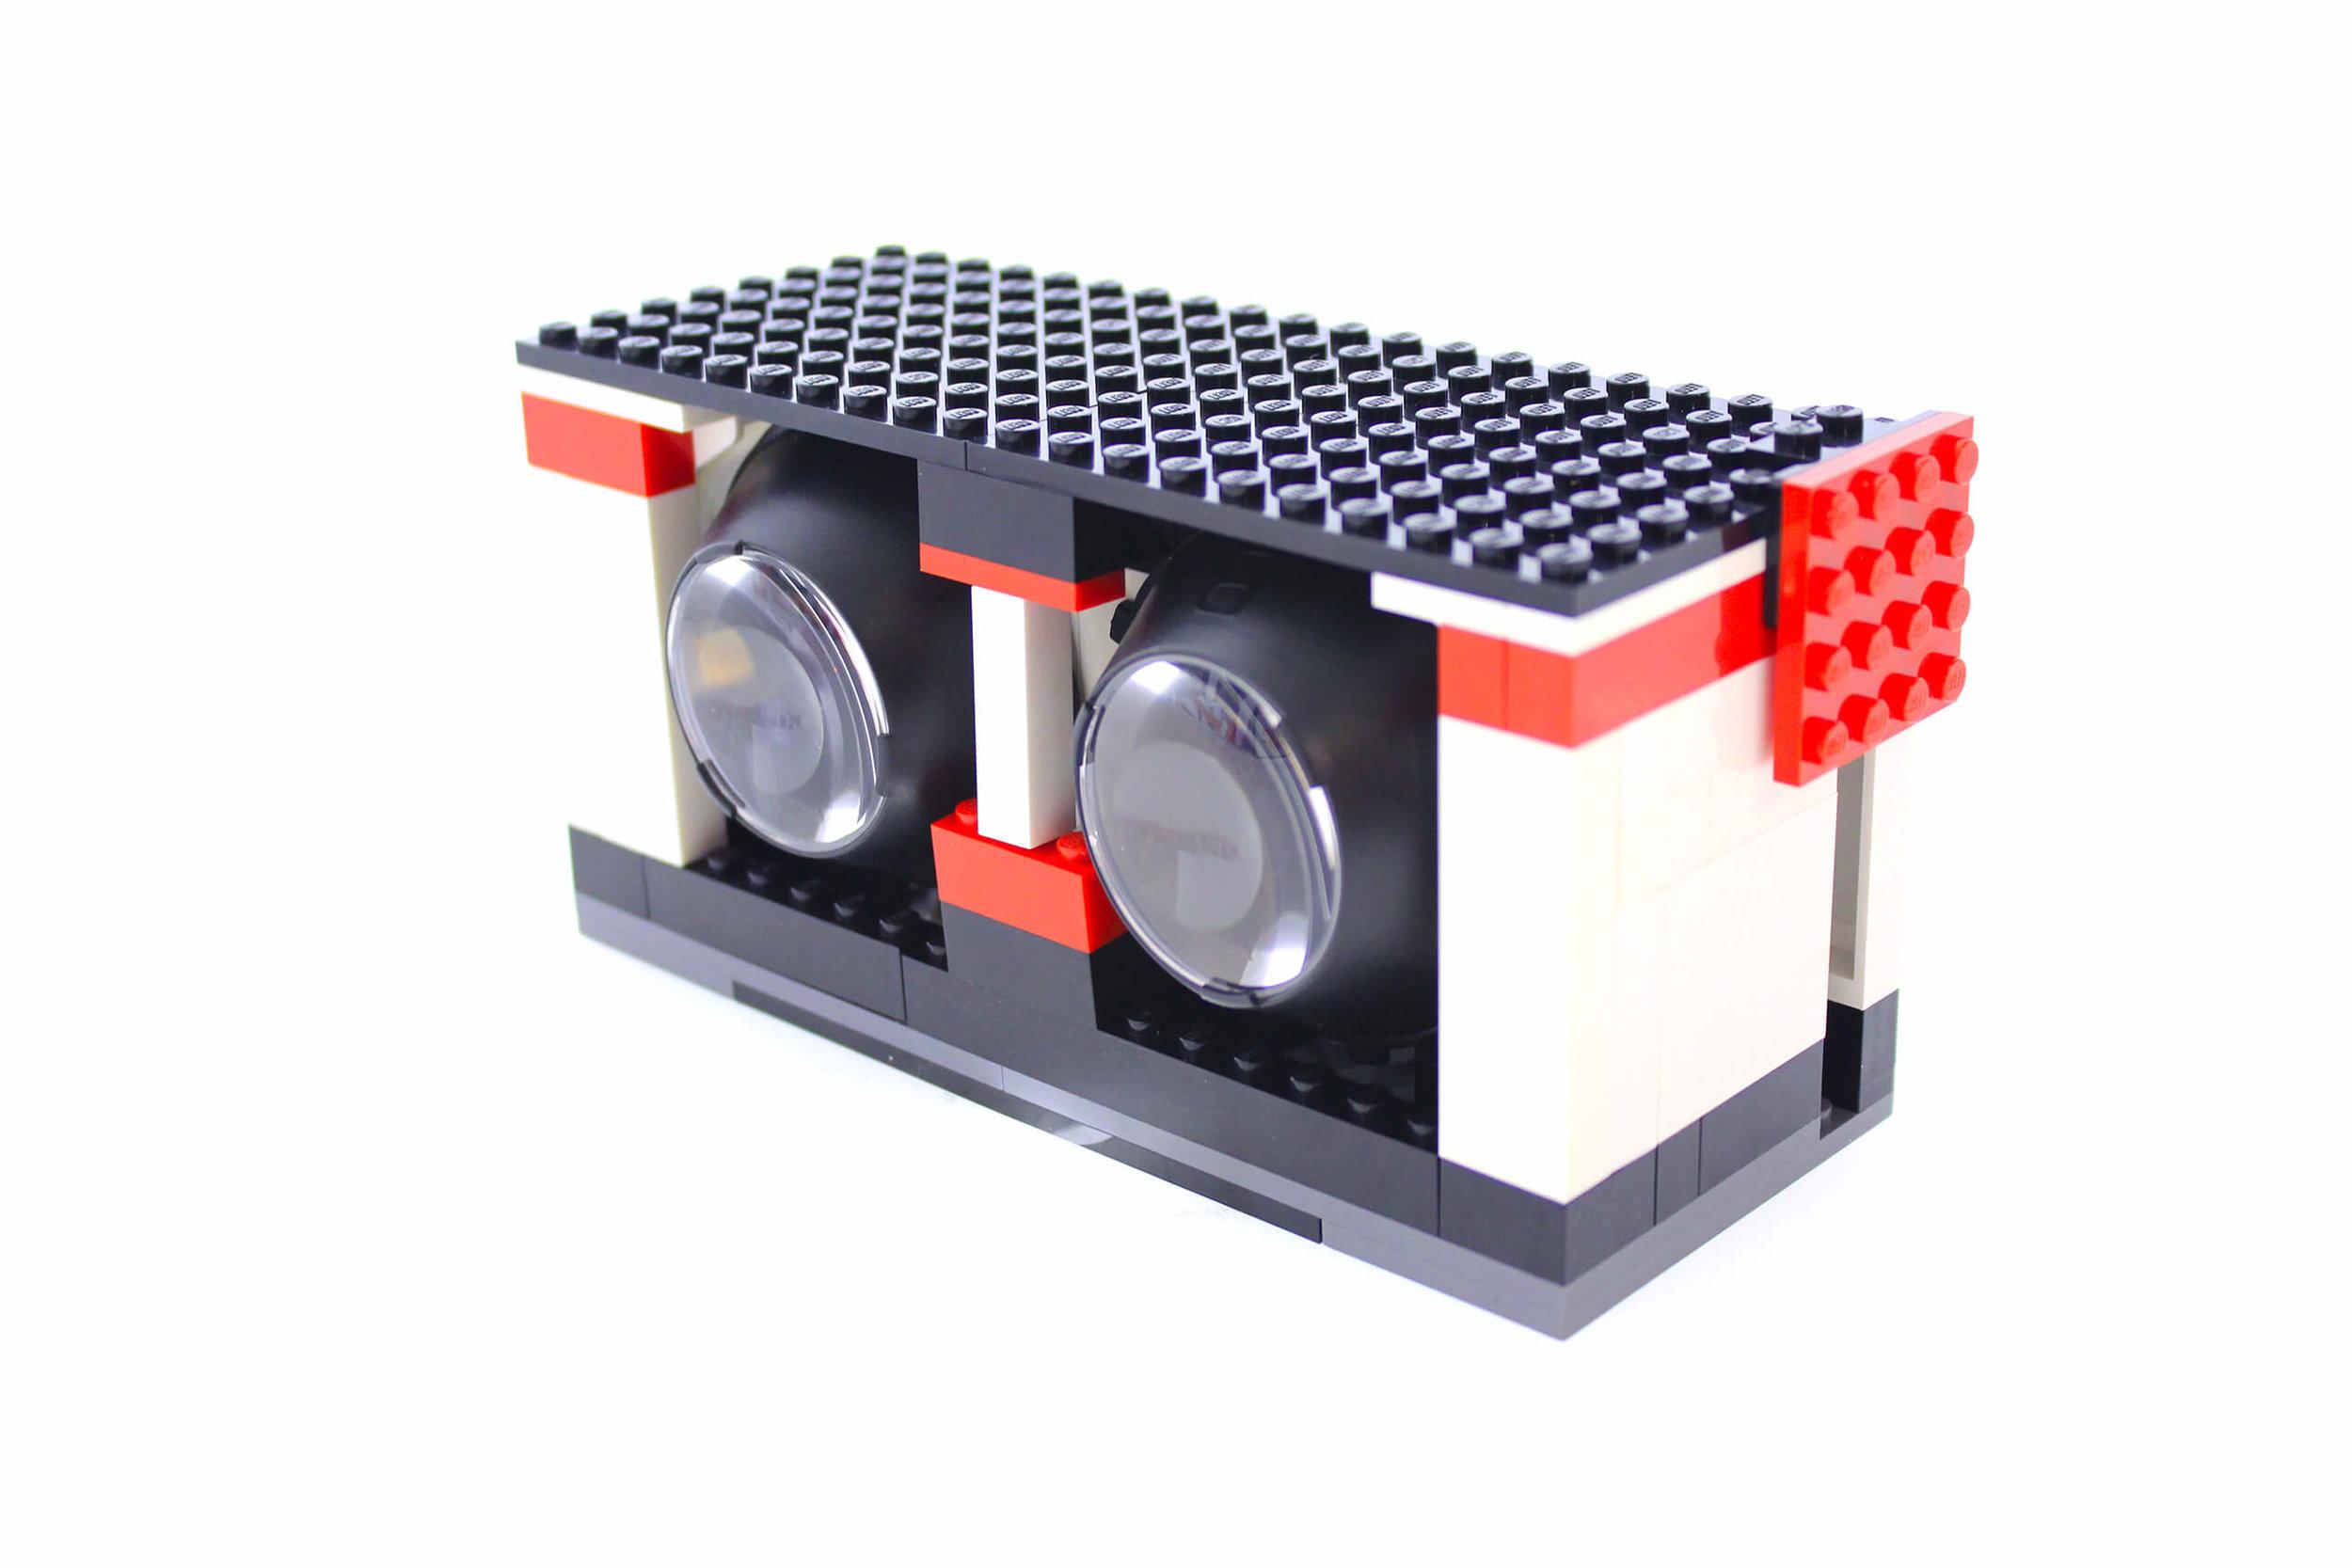 Lego_05.jpg